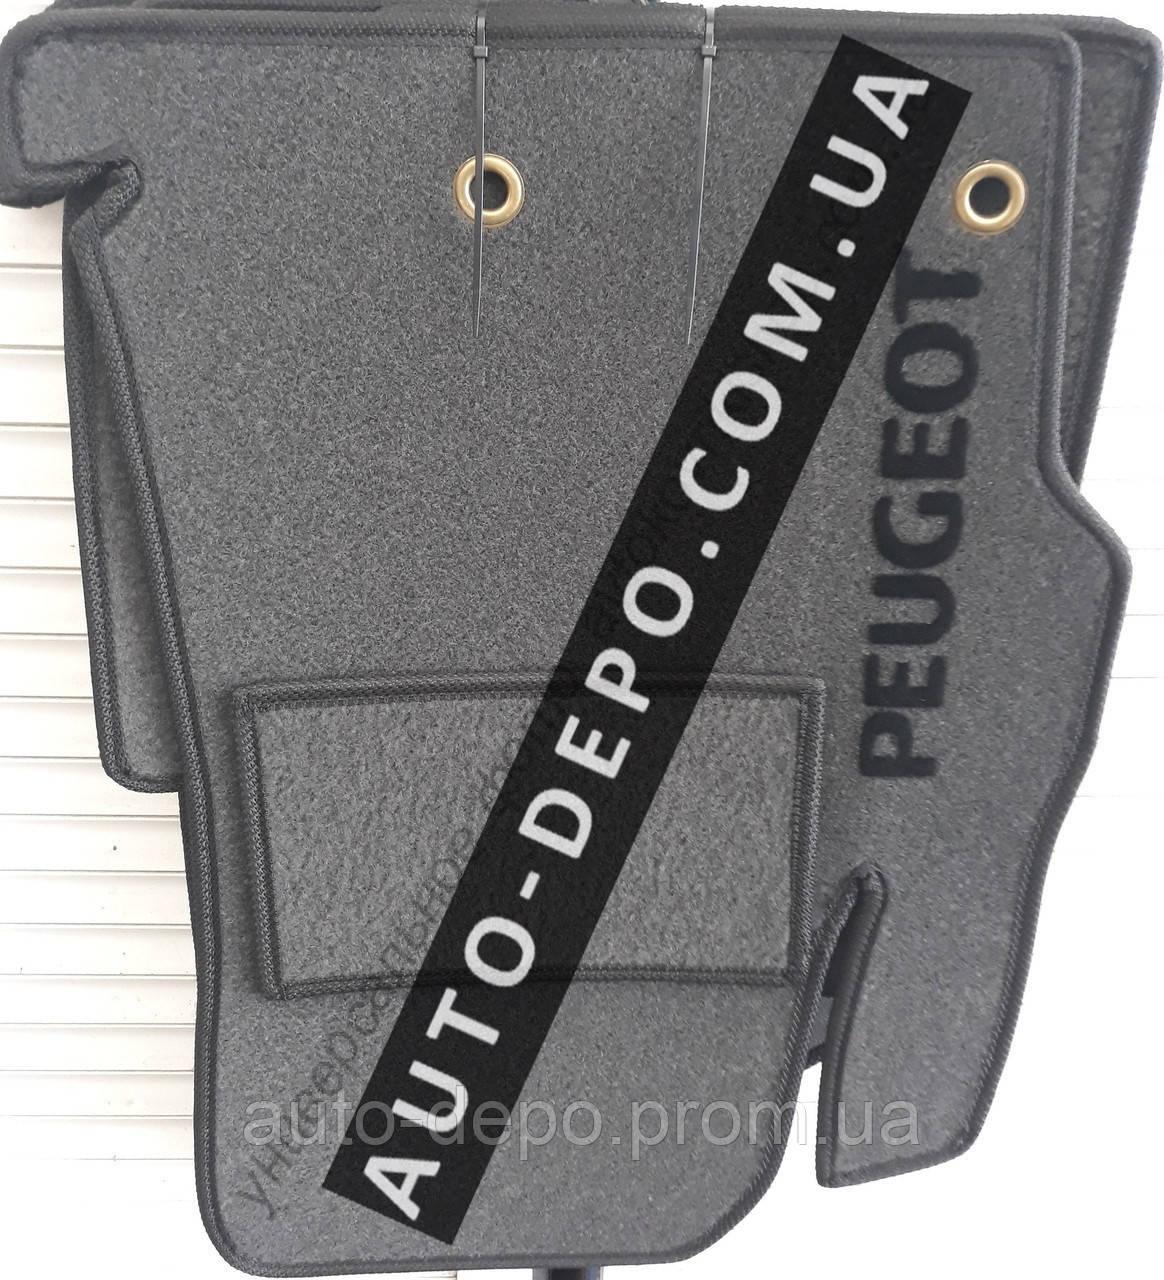 Ворсові килимки салону Peugeot 207 2006 - VIP ЛЮКС АВТО-ВОРС